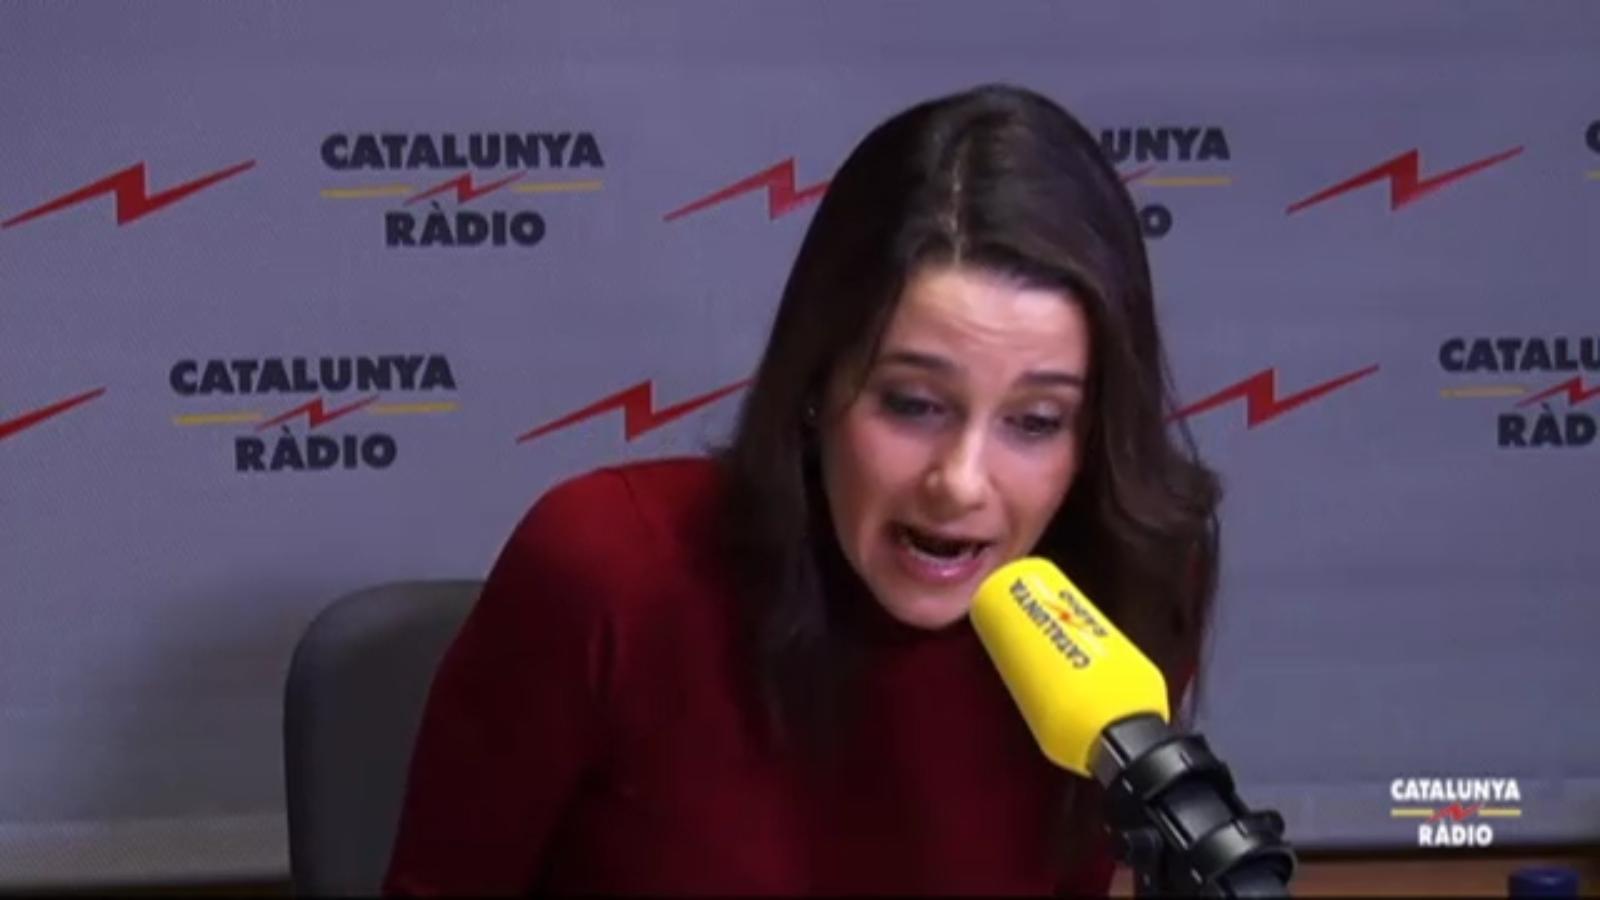 """Arrimadas (26/11/2015): """"C's no apoyará Rajoy""""; (30/12/2015): """"C's apoyará Rajoy, me duele"""""""